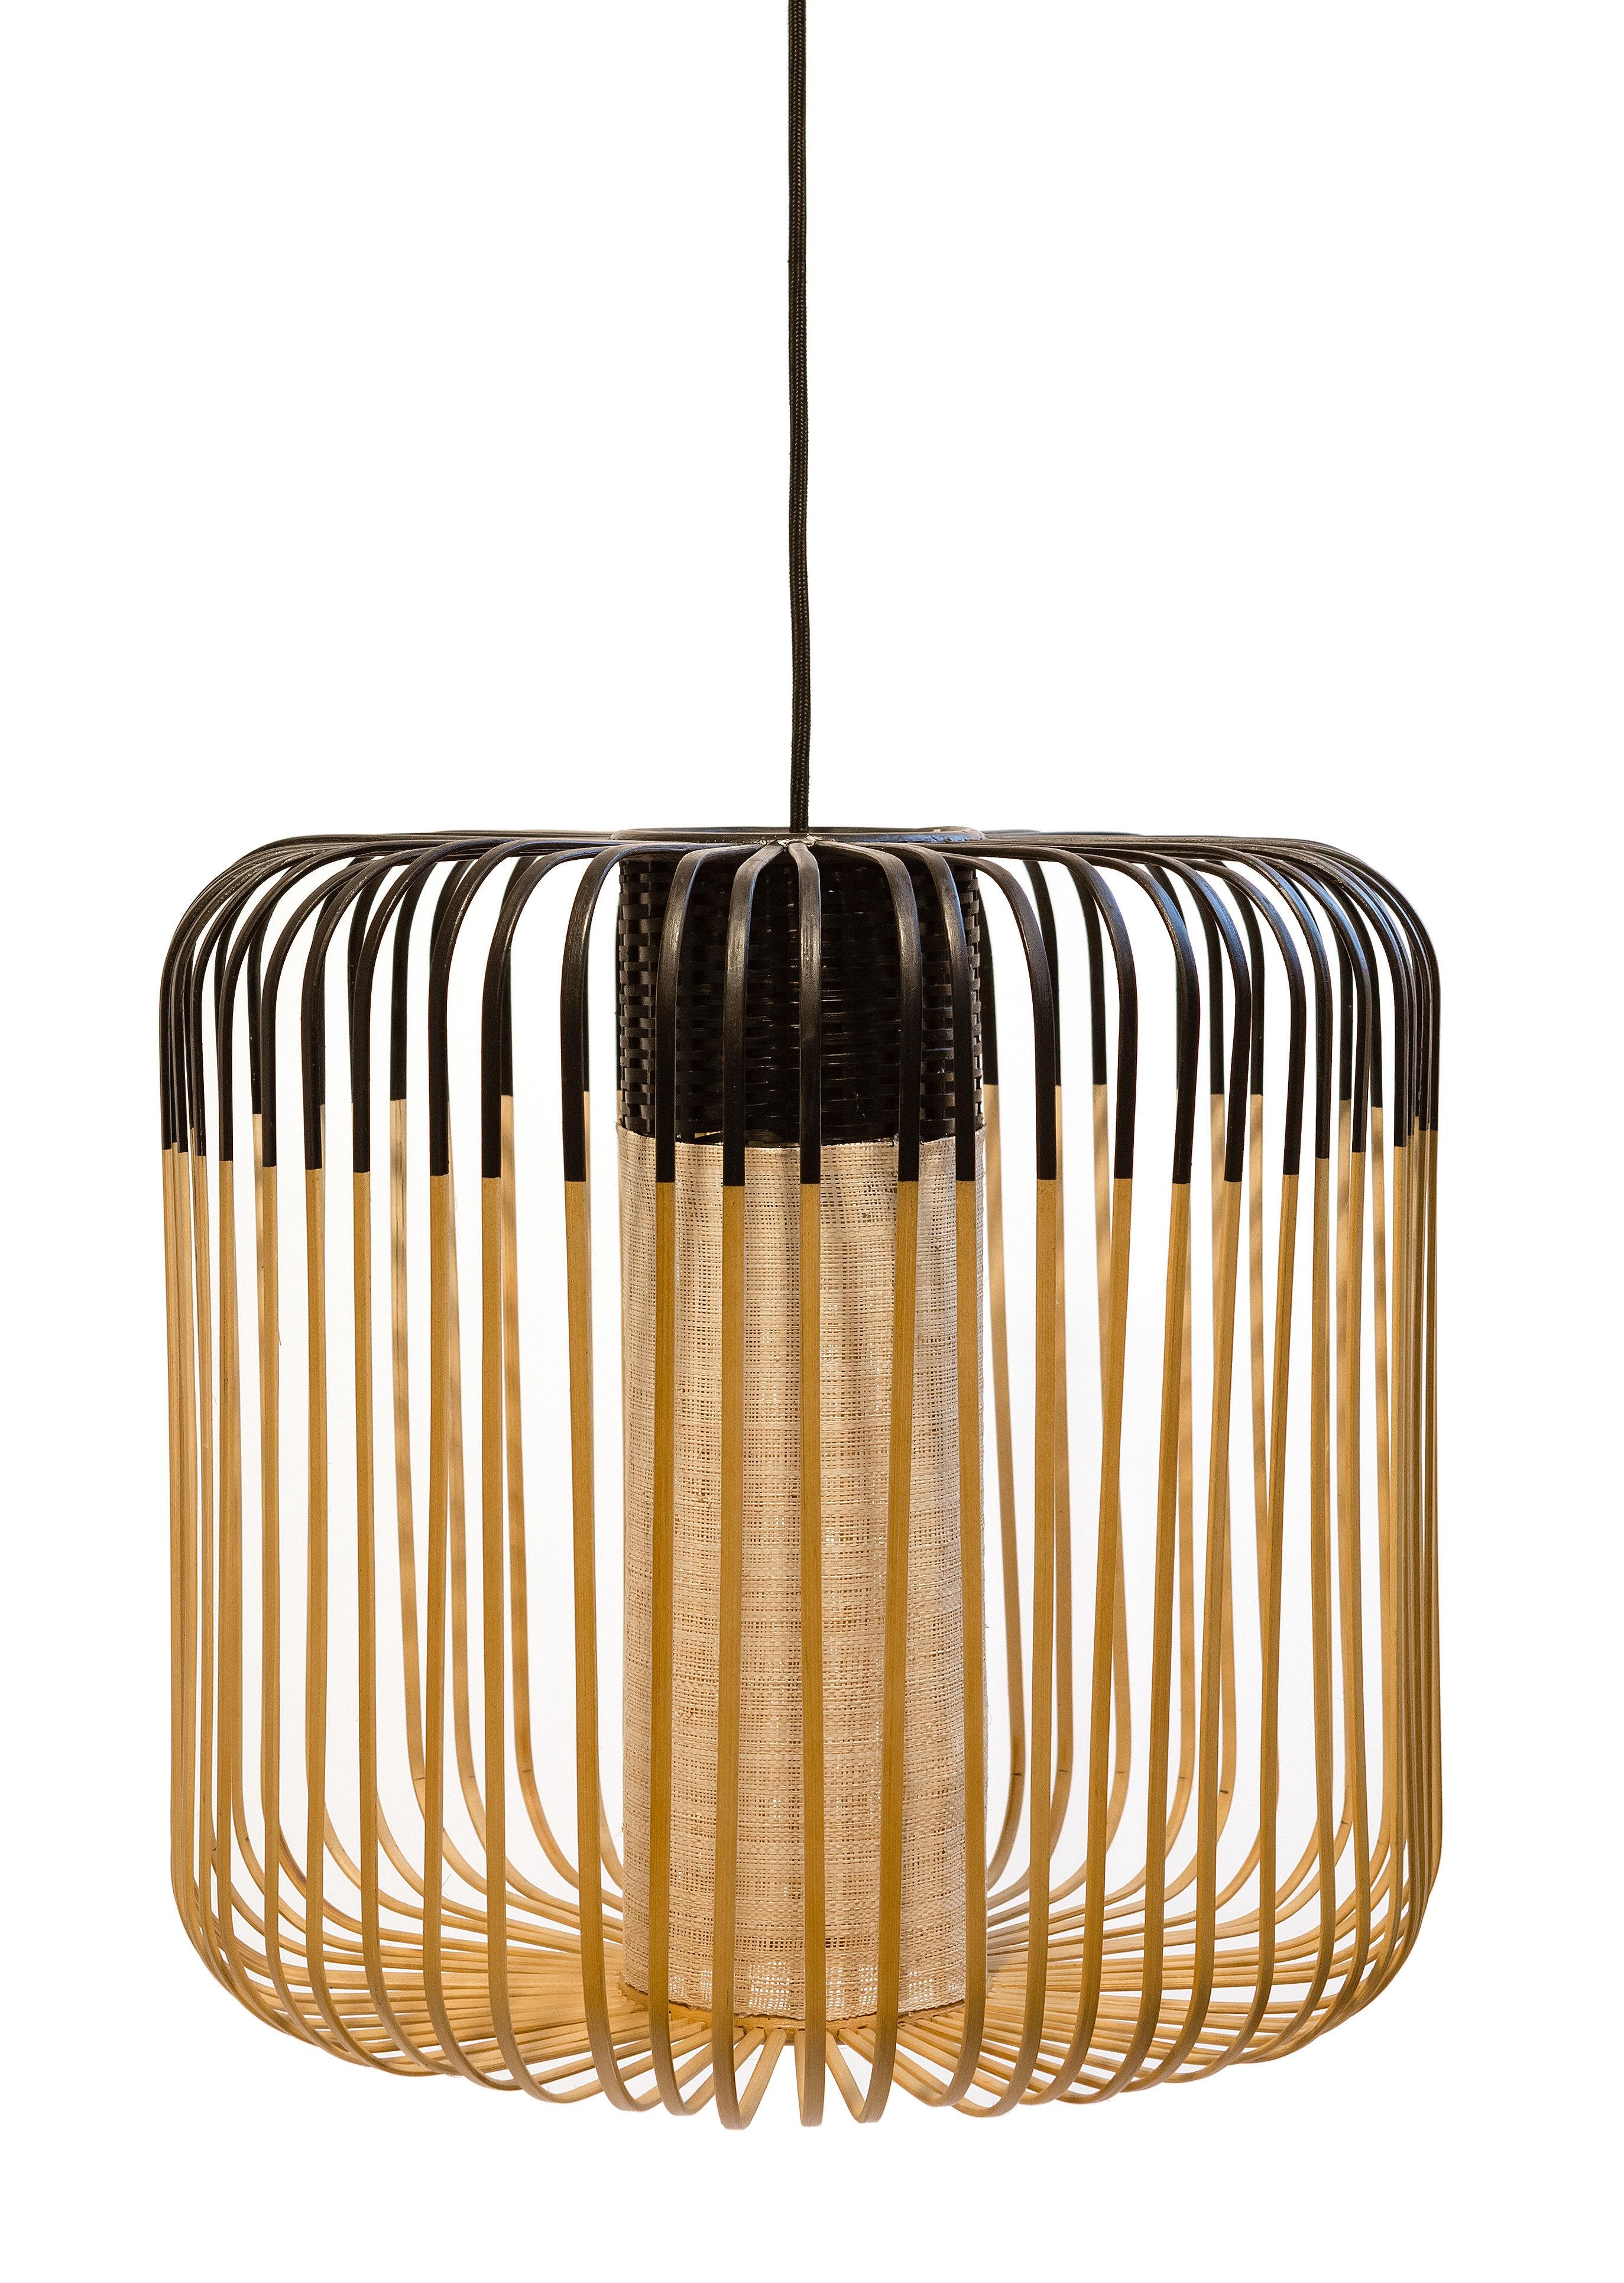 Leuchten - Pendelleuchten - Bamboo Light M Outdoor Pendelleuchte / H 40 cm x Ø 45 cm - Forestier - Schwarz / natur - Kautschuk, Naturbambus